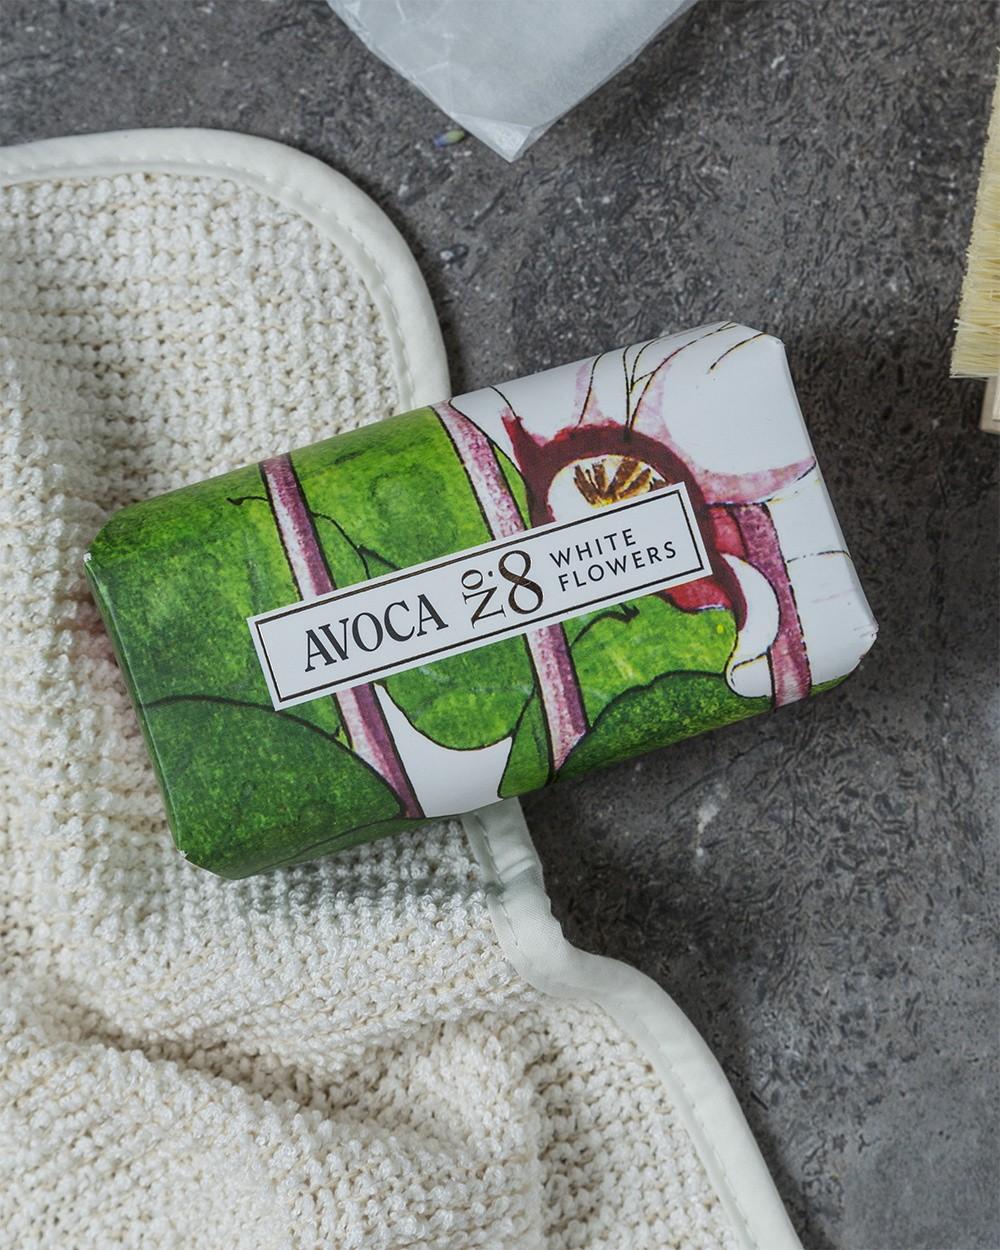 Avoca No 8 Soap - White Flowers